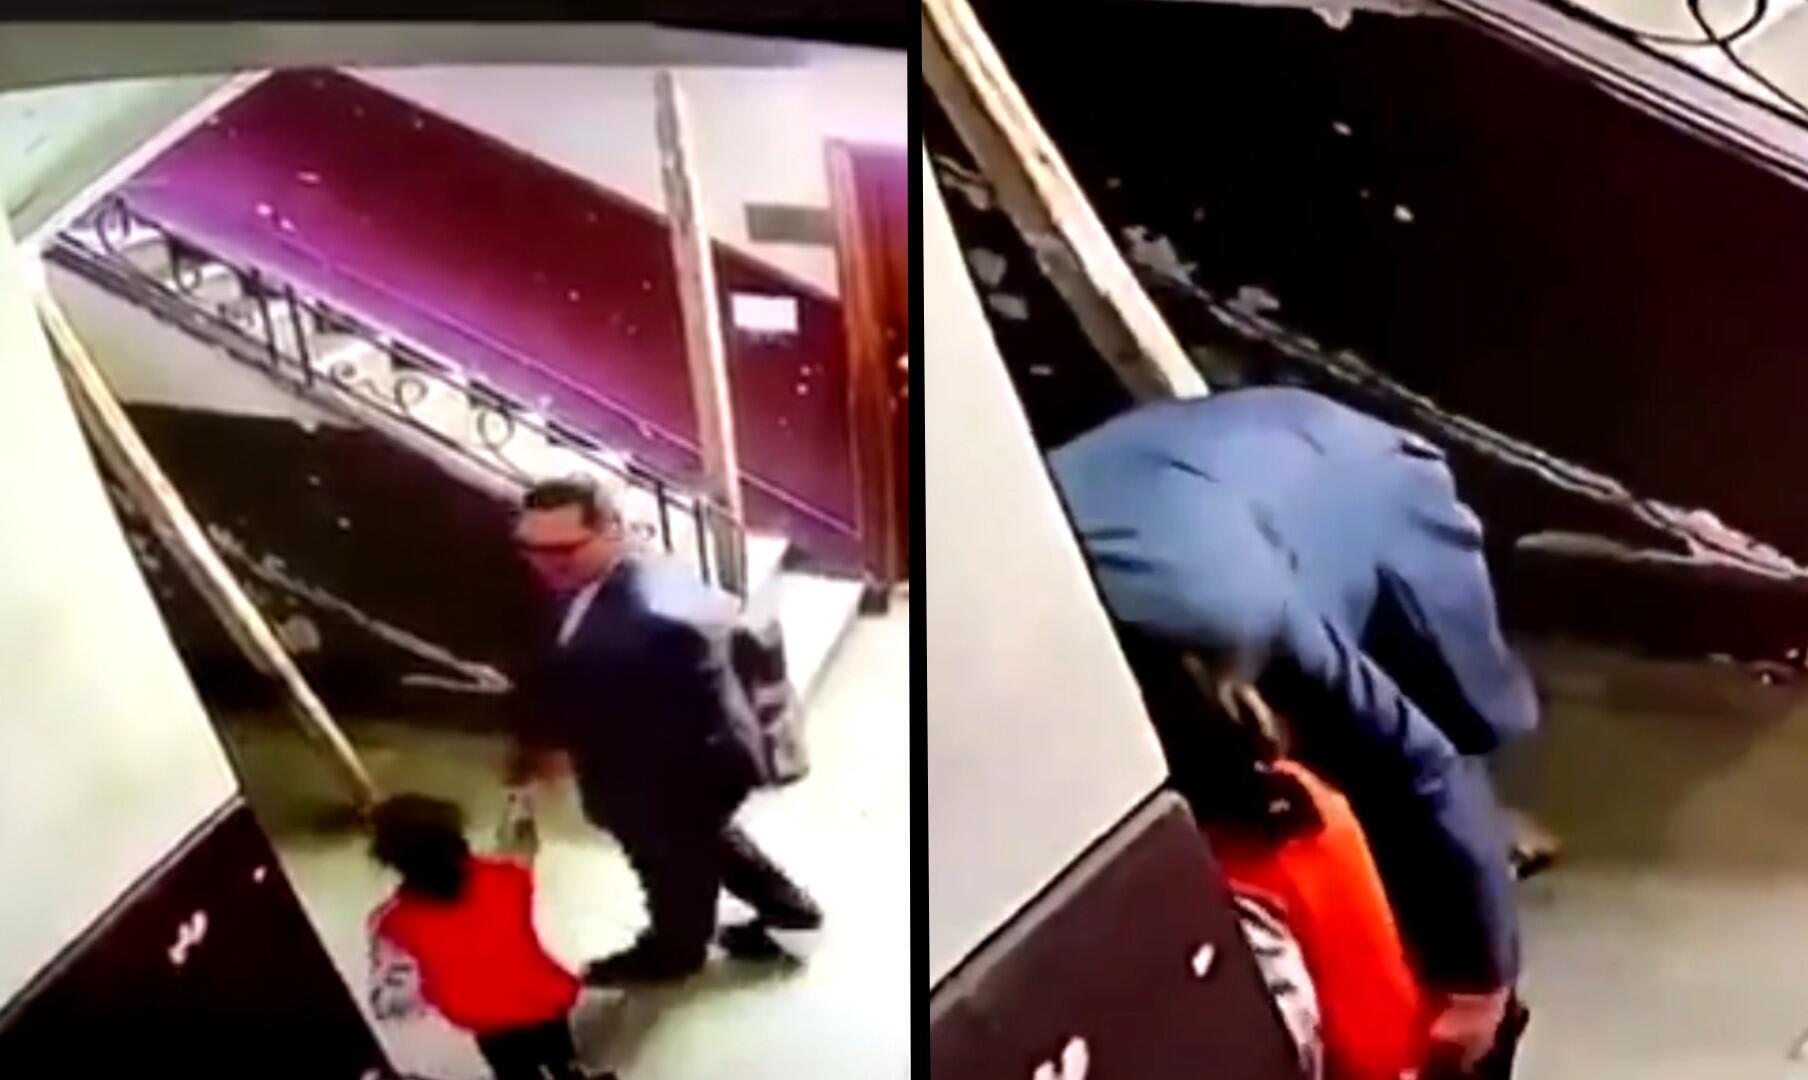 L'homme entraîne la fillette derrière le mur de la cage d'escaliers, puis lui touche les fesses, avant de se placer derrière elle en l'enlaçant. C'est à ce moment qu'elle a commencé à se débattre.